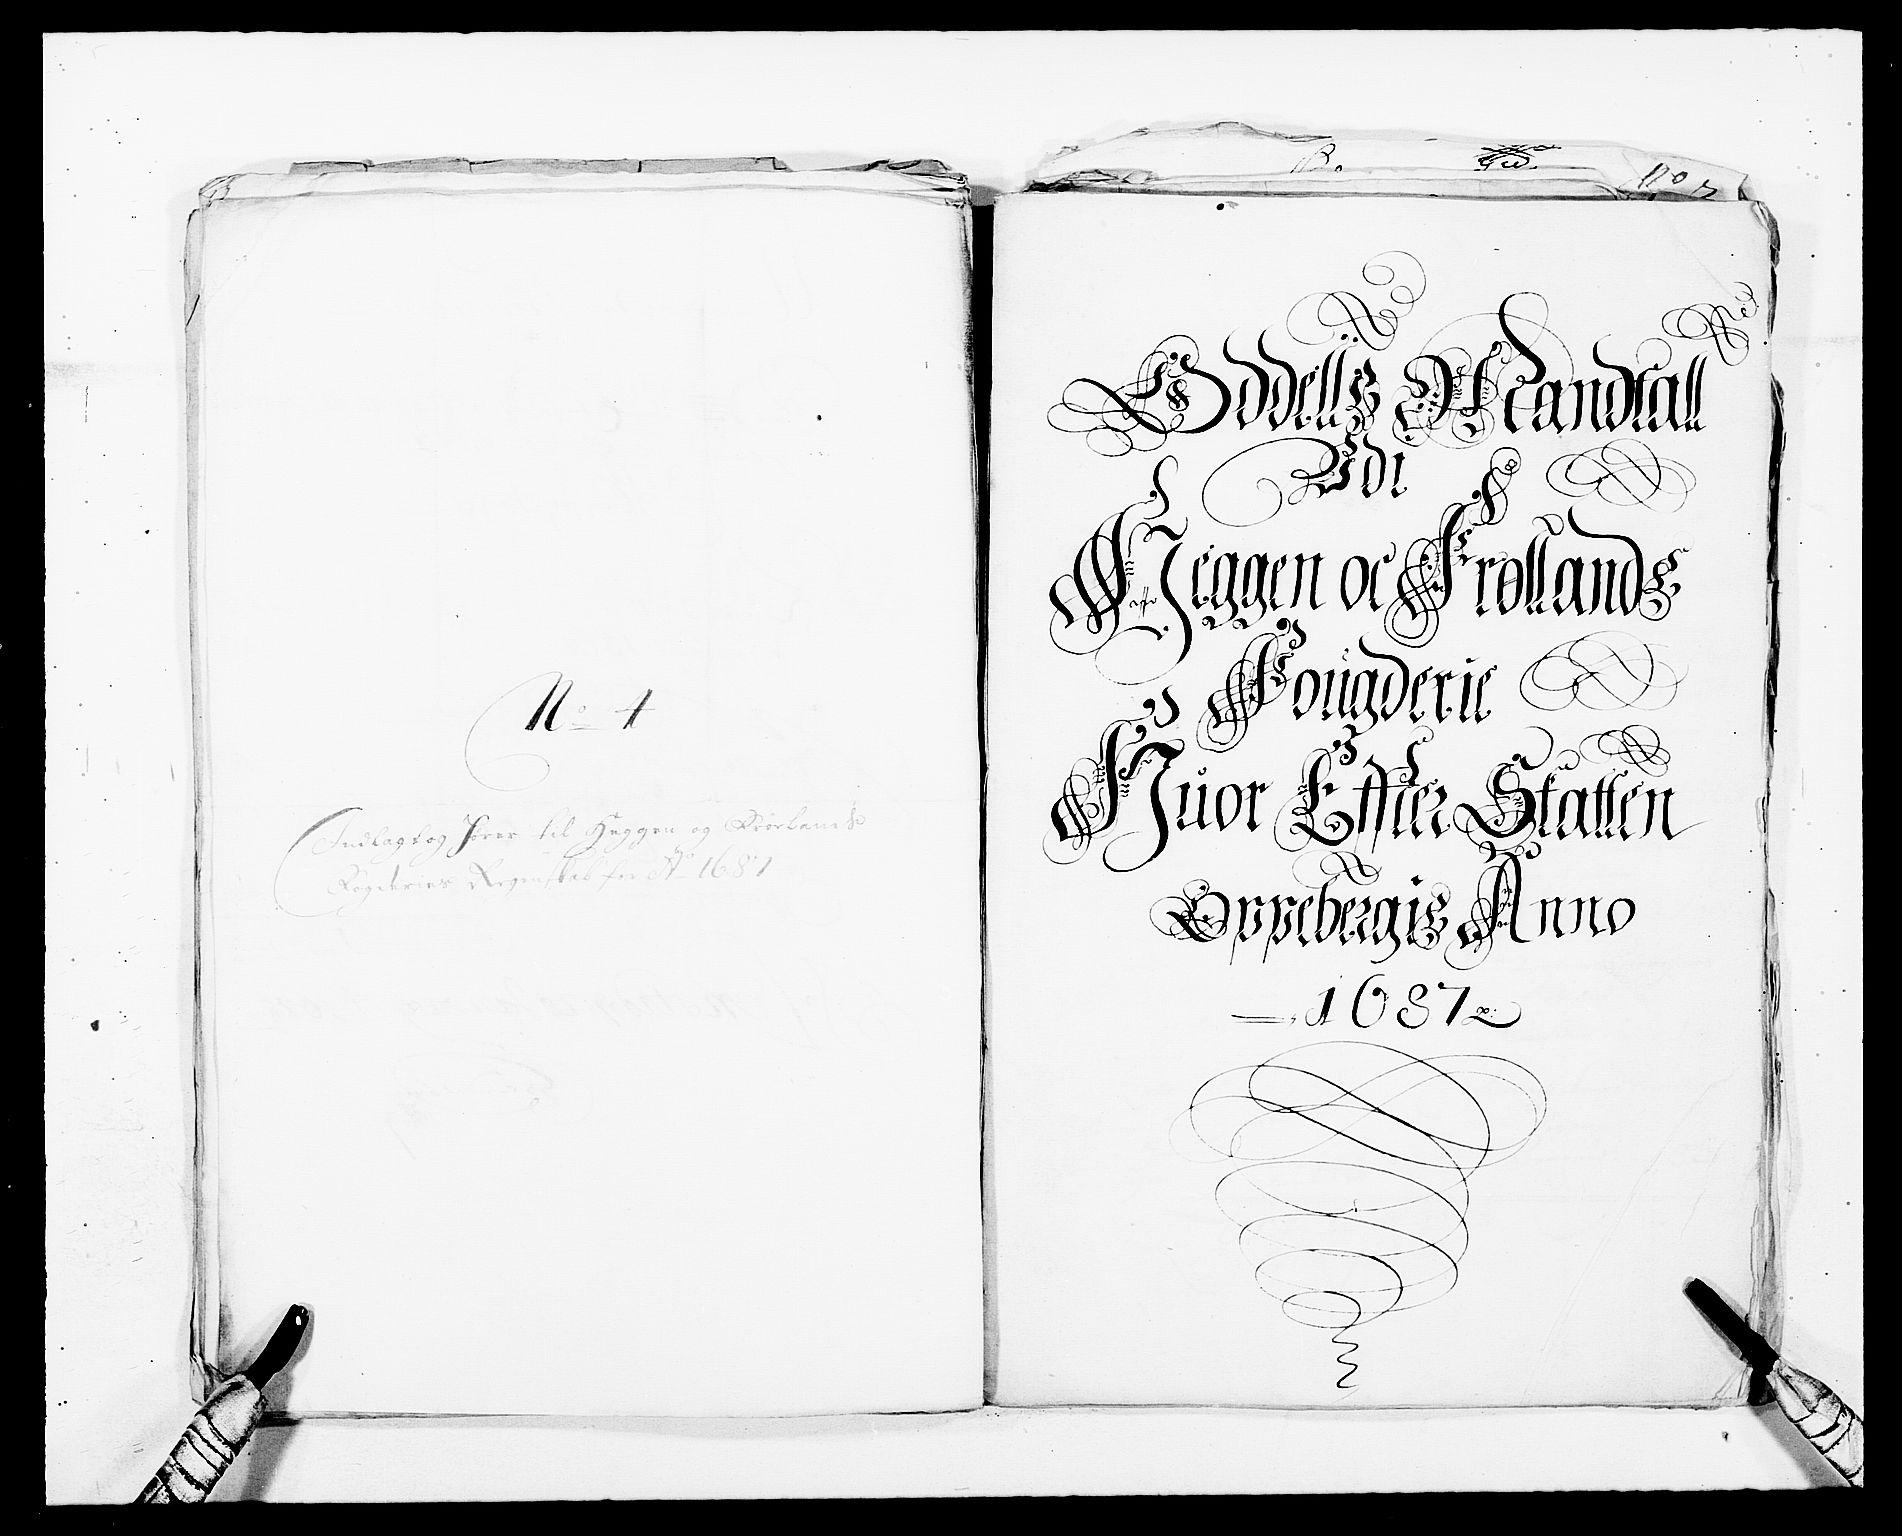 RA, Rentekammeret inntil 1814, Reviderte regnskaper, Fogderegnskap, R06/L0282: Fogderegnskap Heggen og Frøland, 1687-1690, s. 36